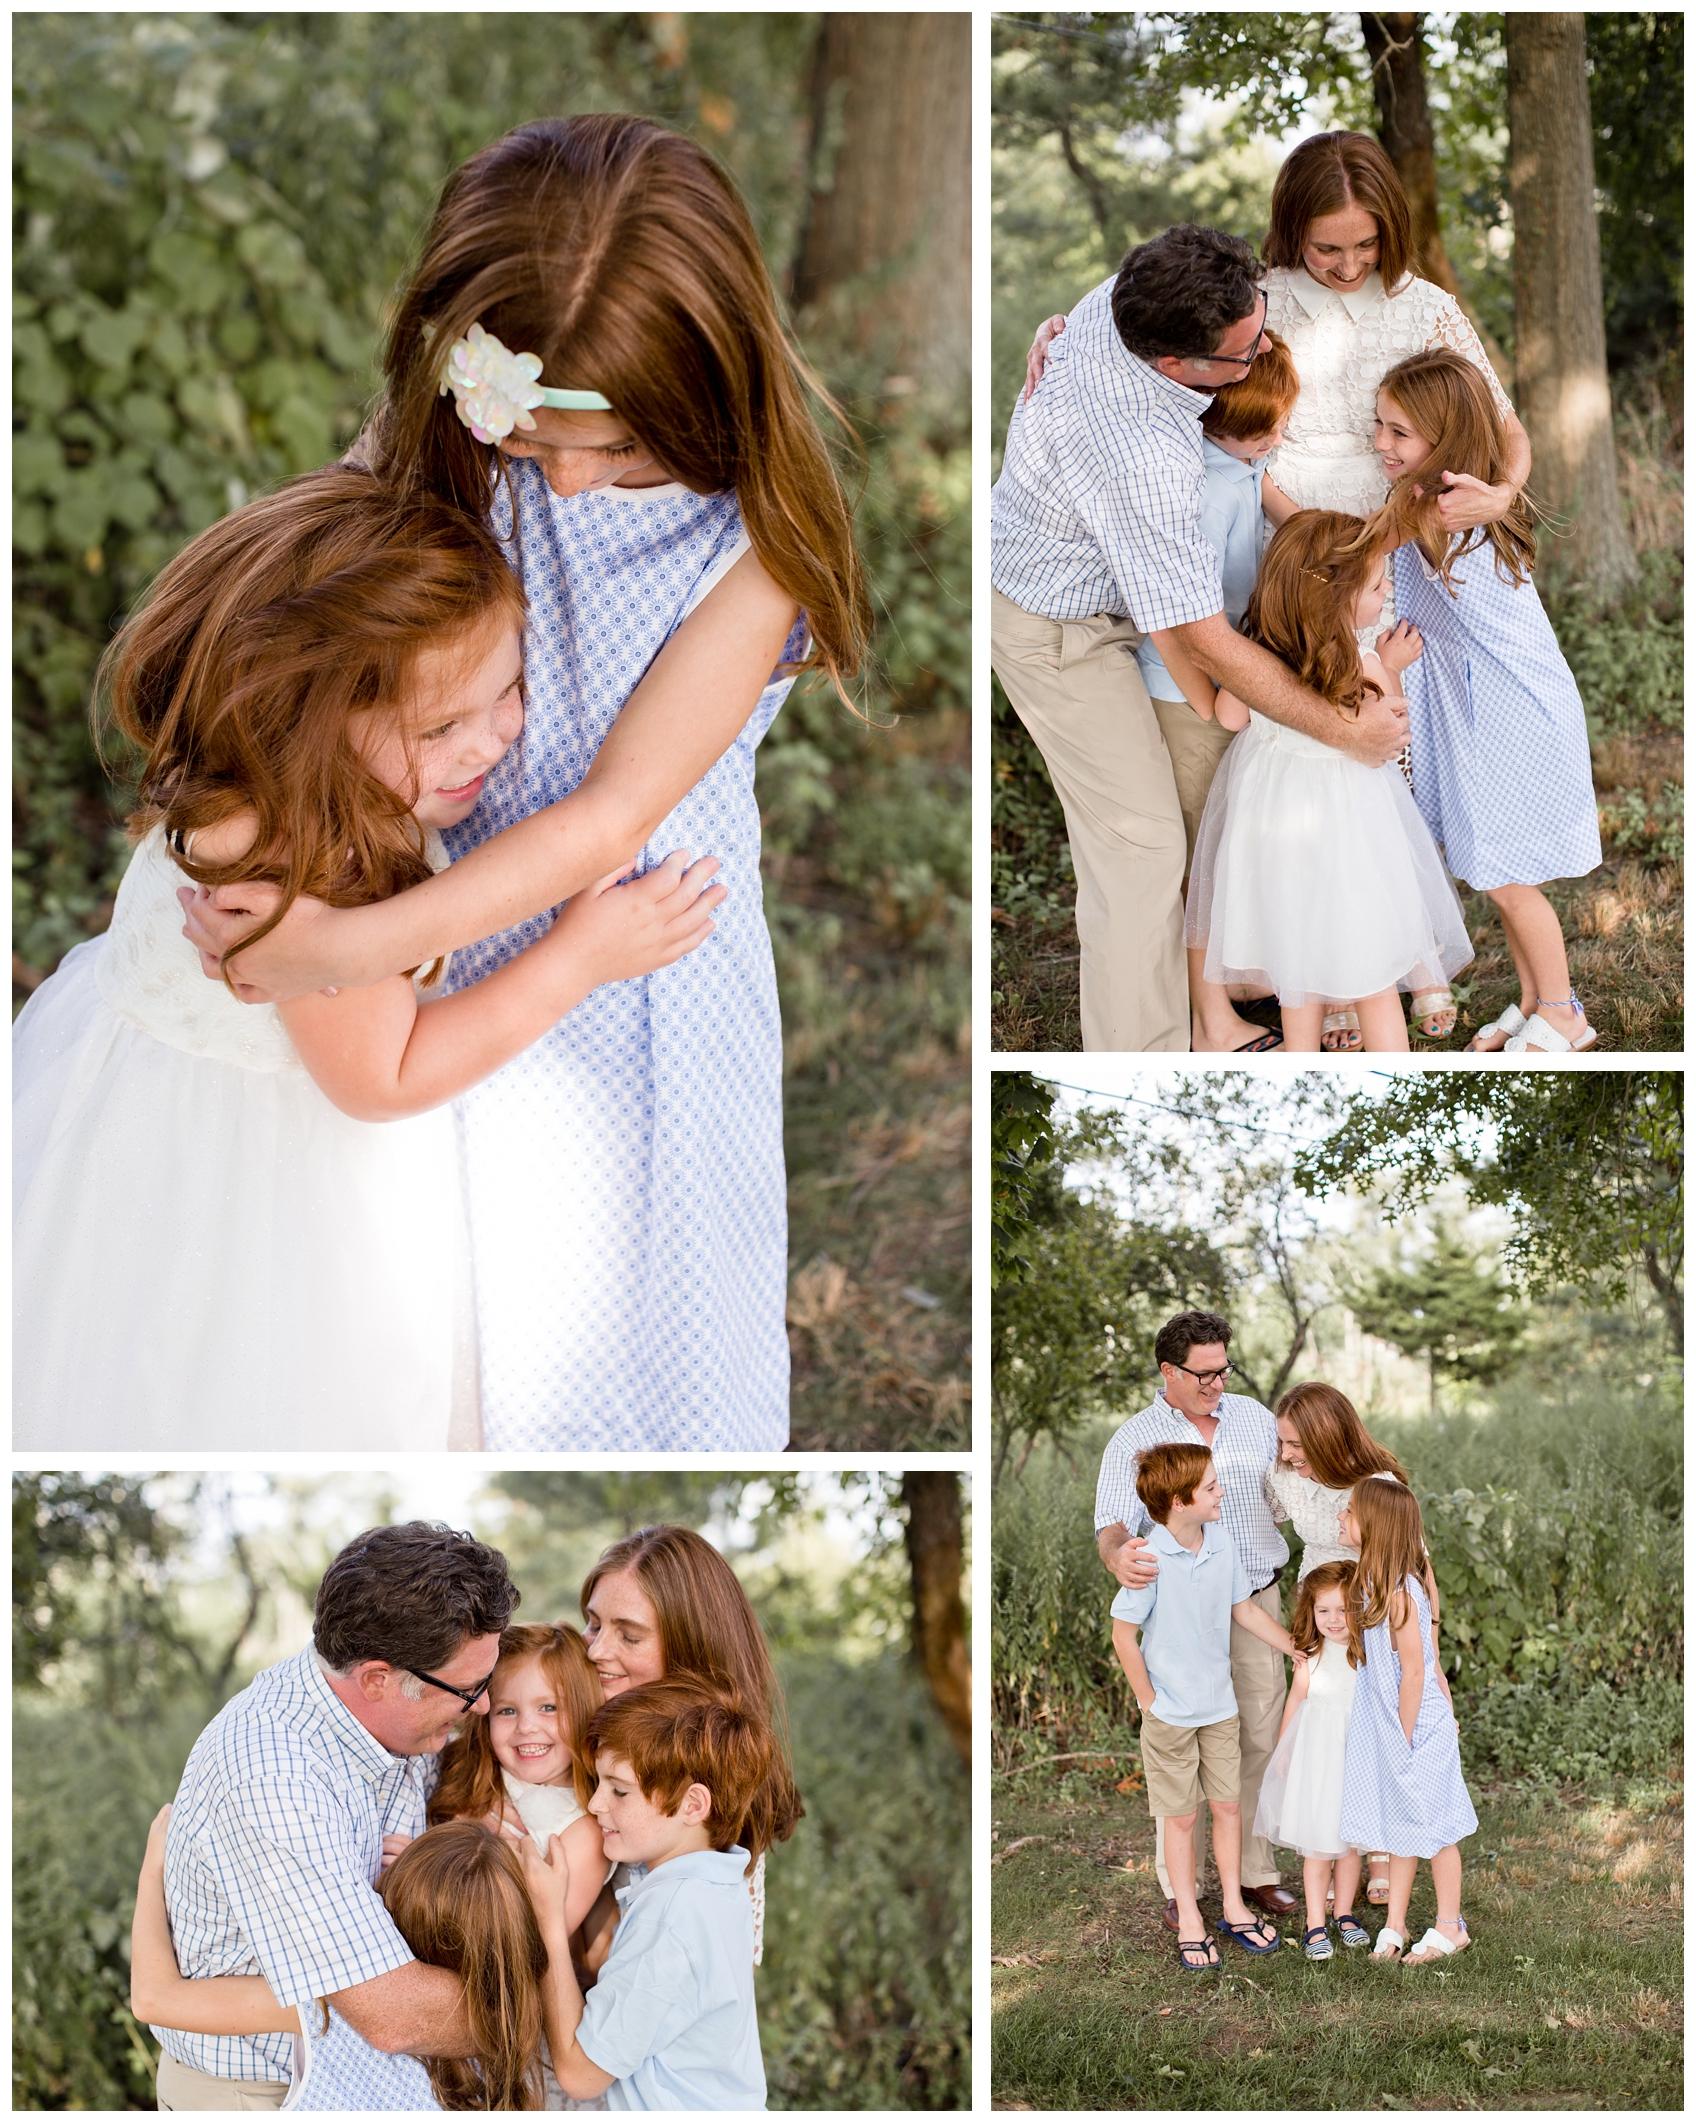 fairfieldcountyfamilyphotography.jpg